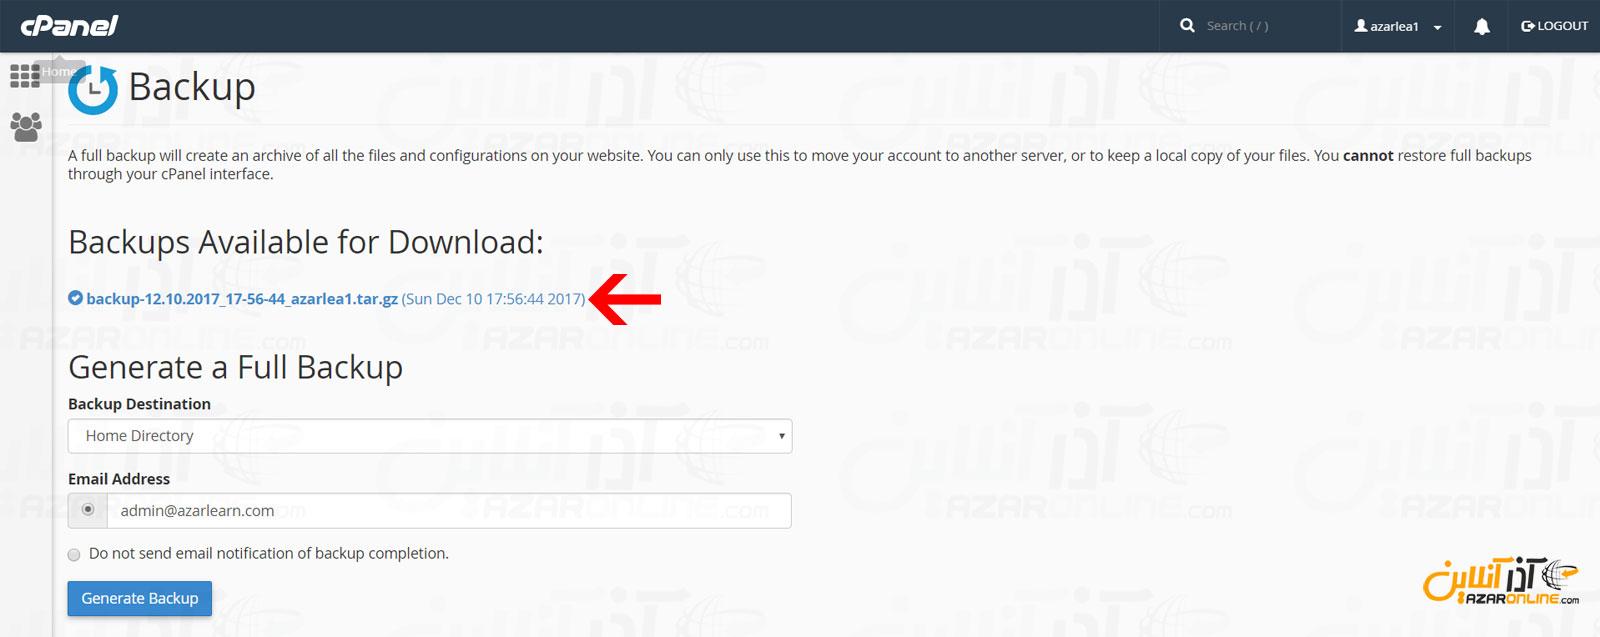 دانلود بک آپ کامل از وب سایت در Cpanel